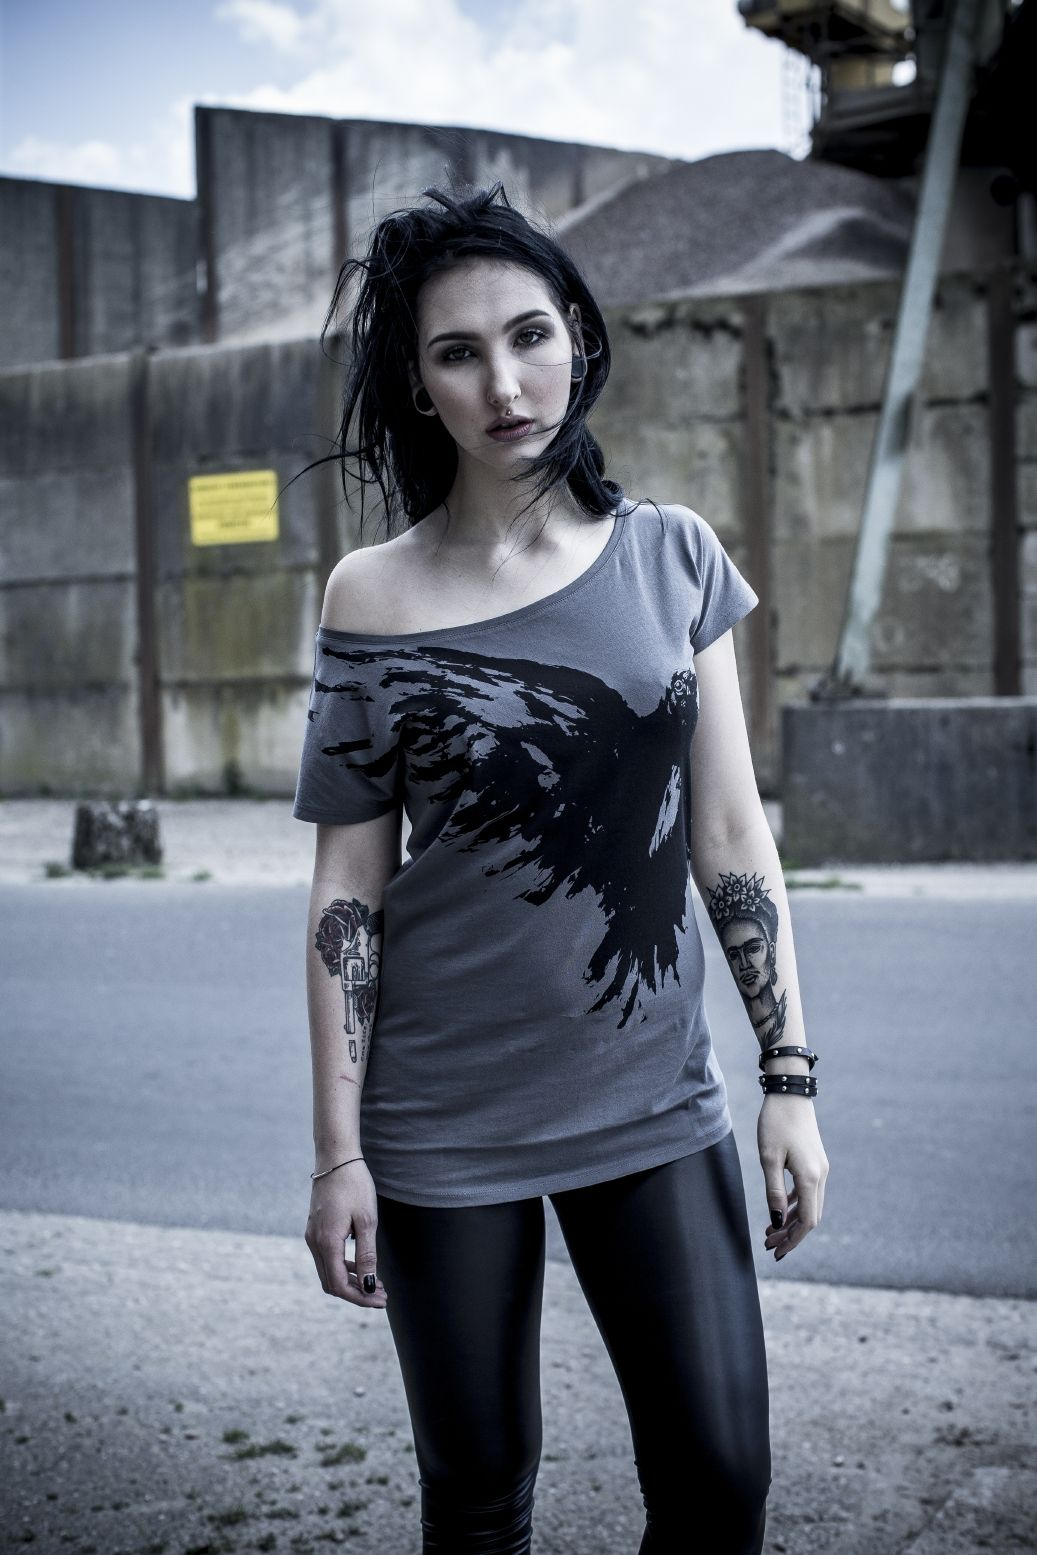 """Dieses T-Shirt """"Flying Raven"""" von Black Premium by EMP ist einfach der Hammer. Das graue T-Shirt hat einen U-Boot Ausschnitt. Besonders cool ist der große fliegende Rabe auf dem grauen T-Shirt vorne und hinten - sau gut, oder?! #blackpremium #rockfashion #empstyle"""